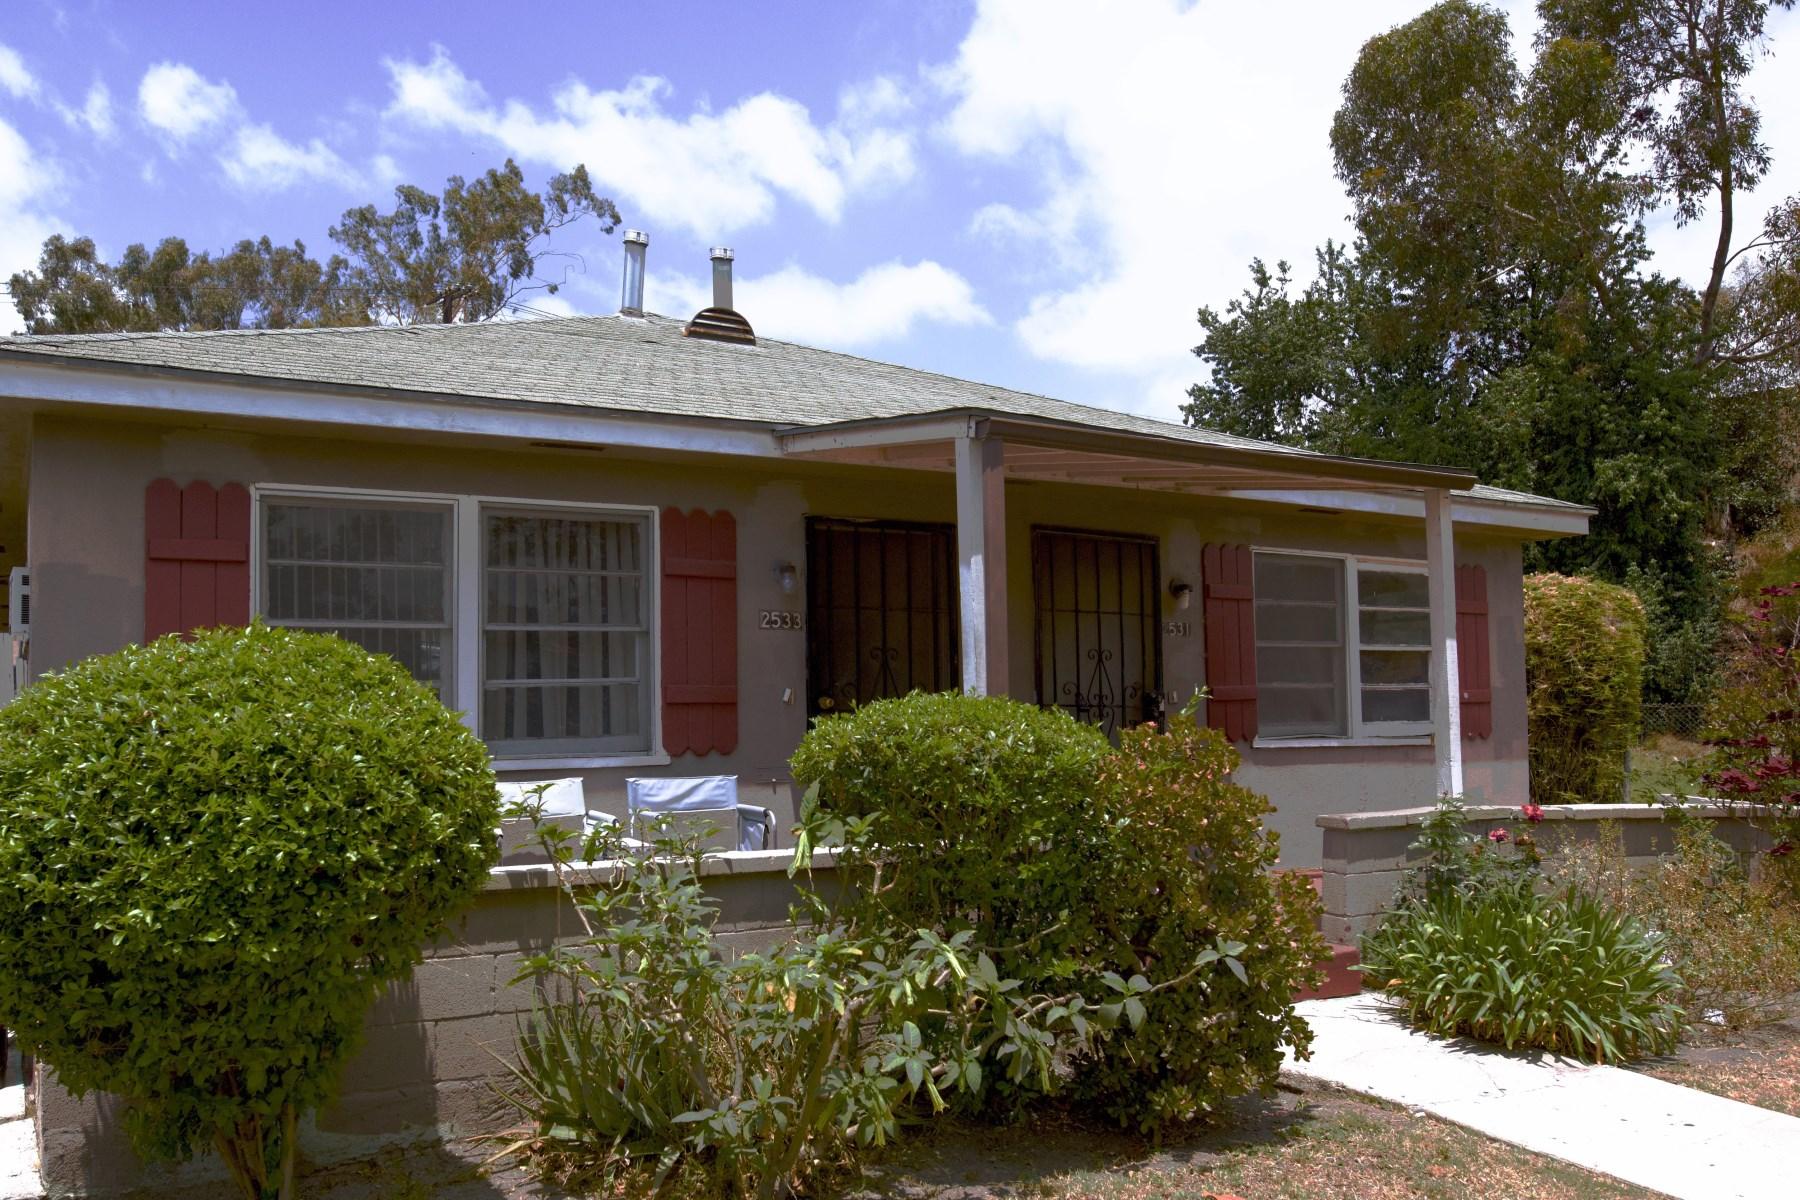 Moradia Multi-familiar para Venda às 2531 South Dunsmuir 2522 South Burnside Avenue Los Angeles, Califórnia, 90016 Estados Unidos